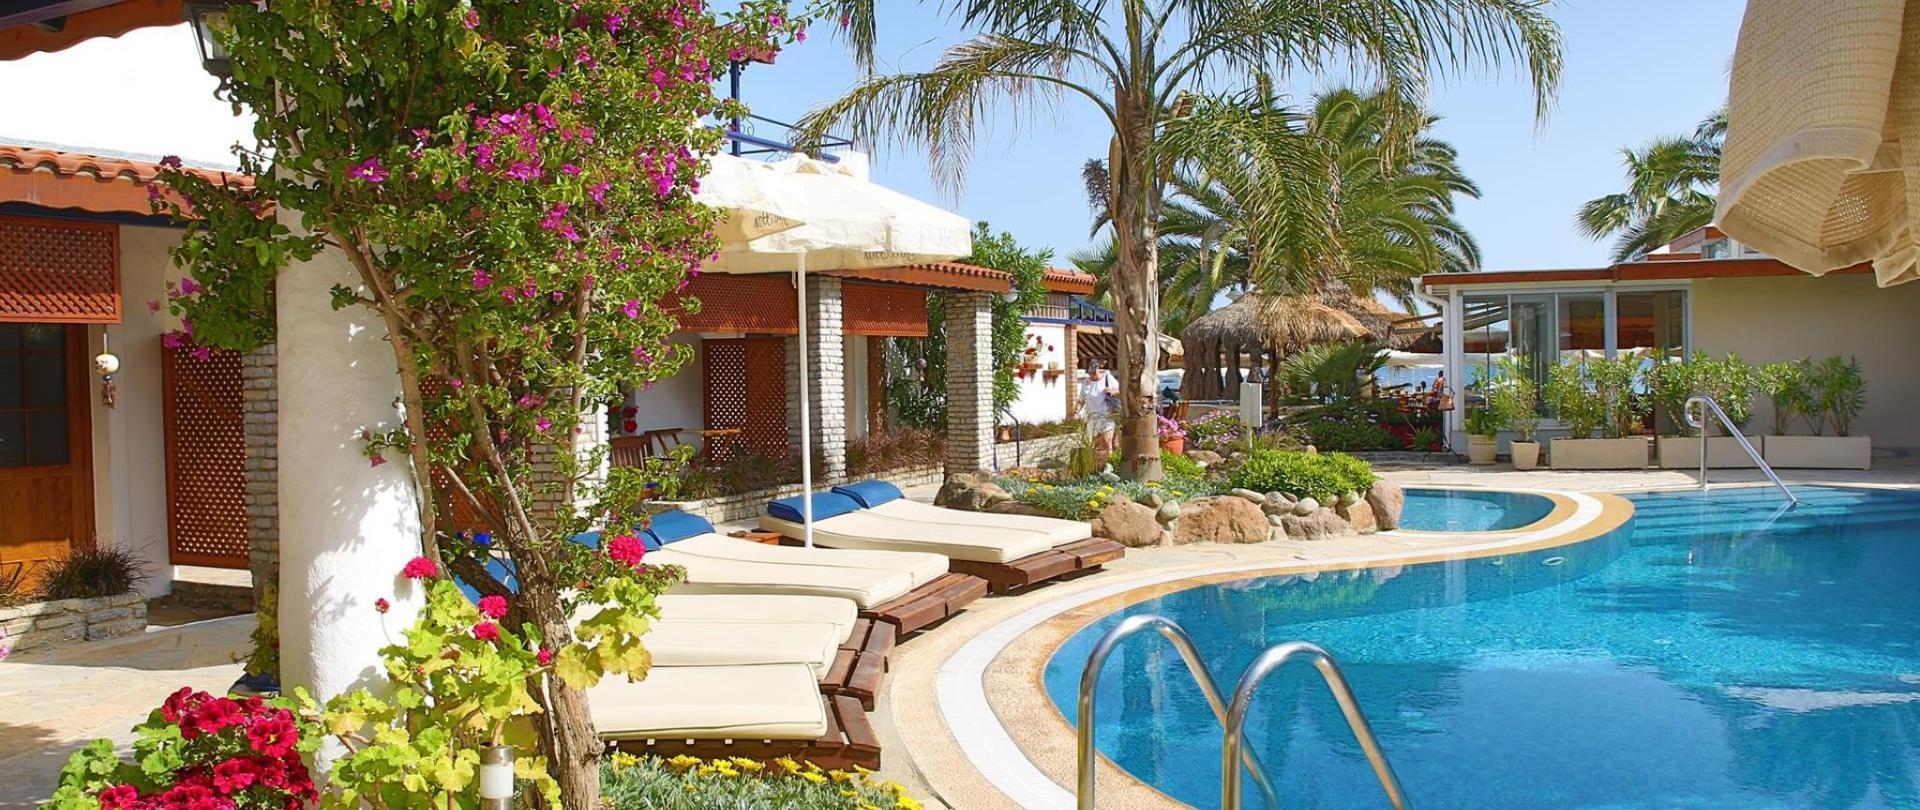 Yali Han Hotel